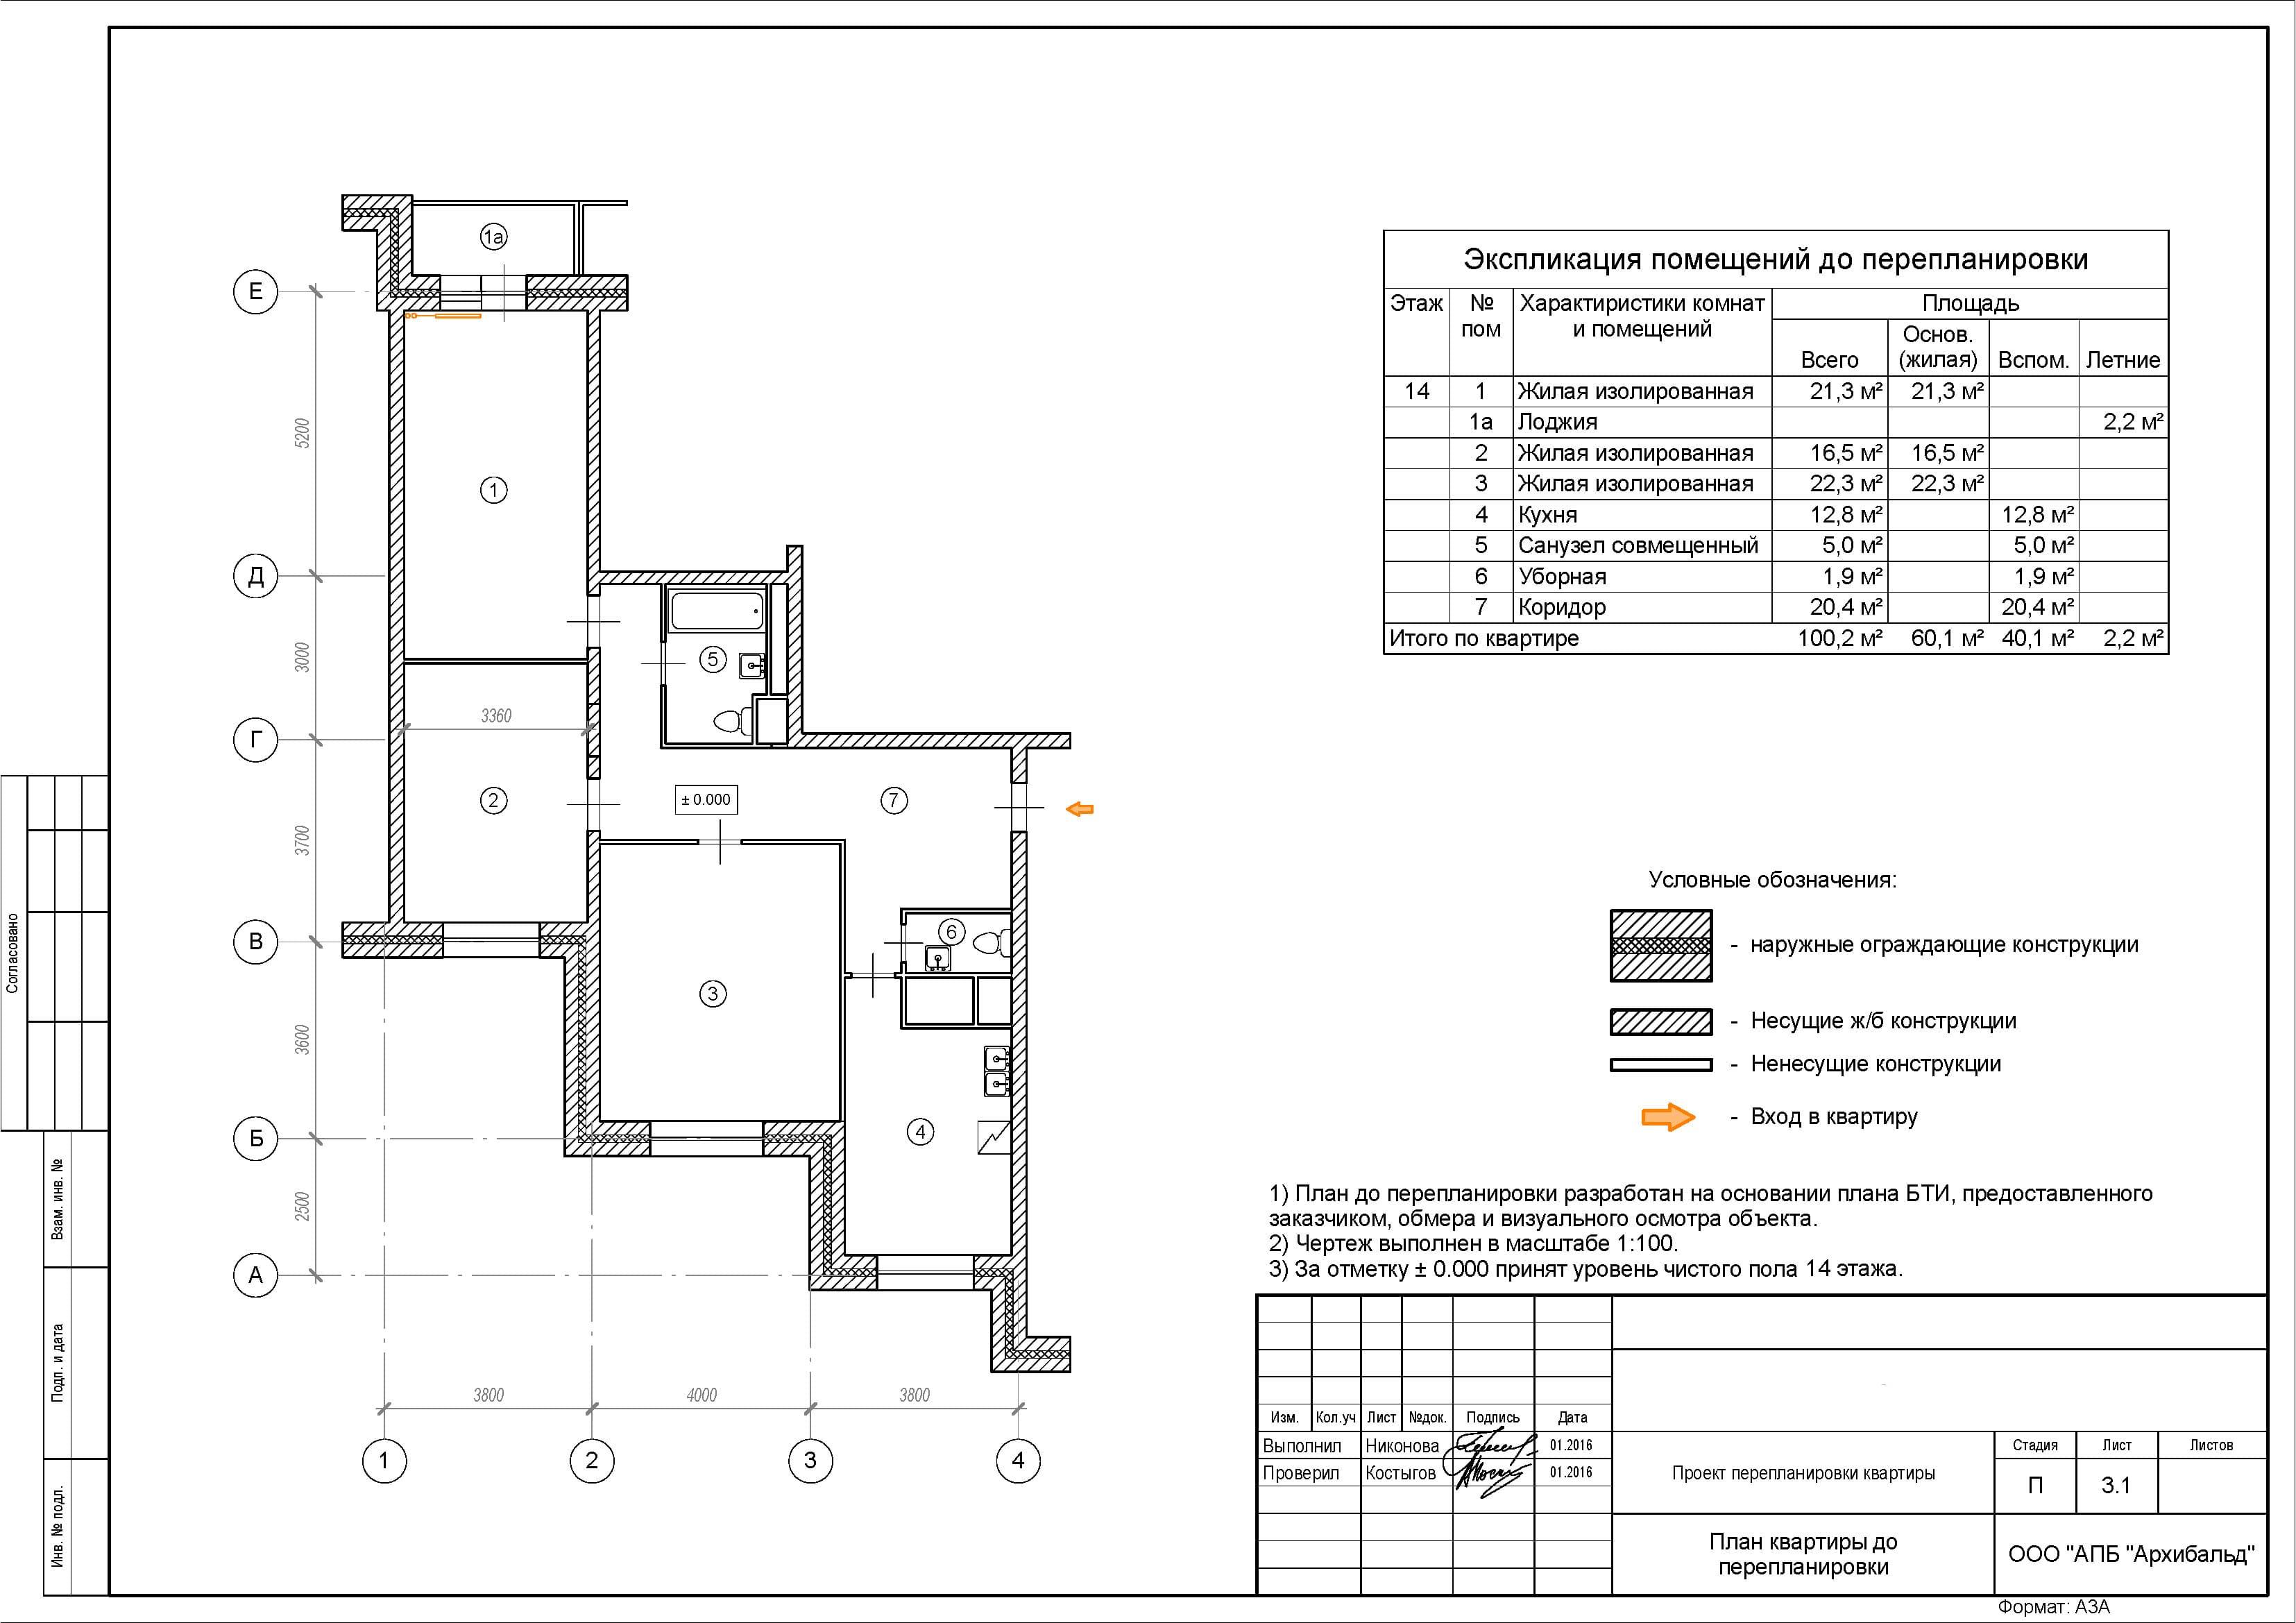 Как провести согласование перепланировки квартиры